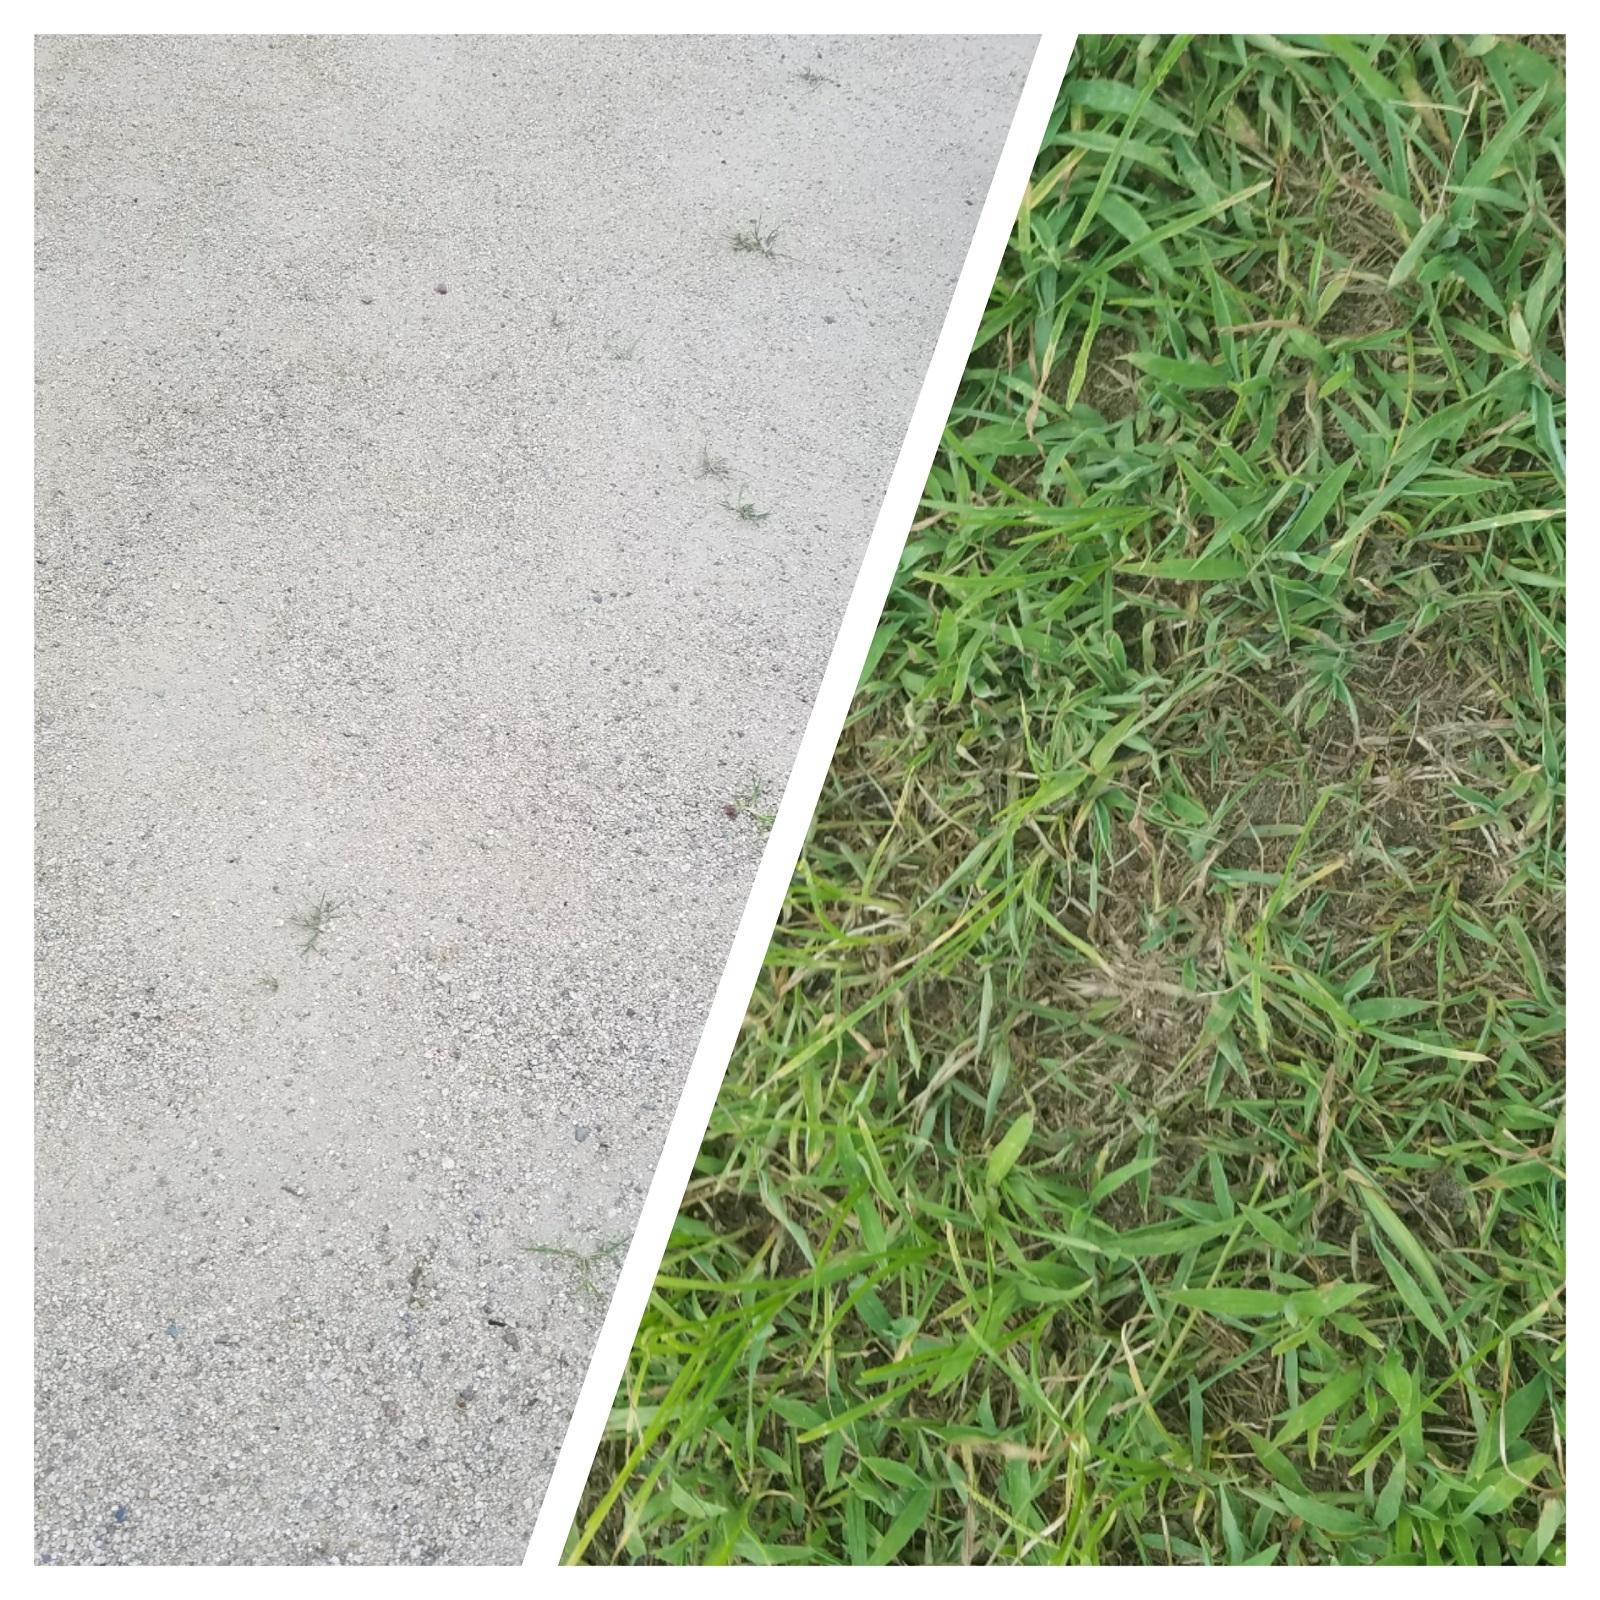 気になる地面は砂利/くさの2タイプ。下駄でも歩けます